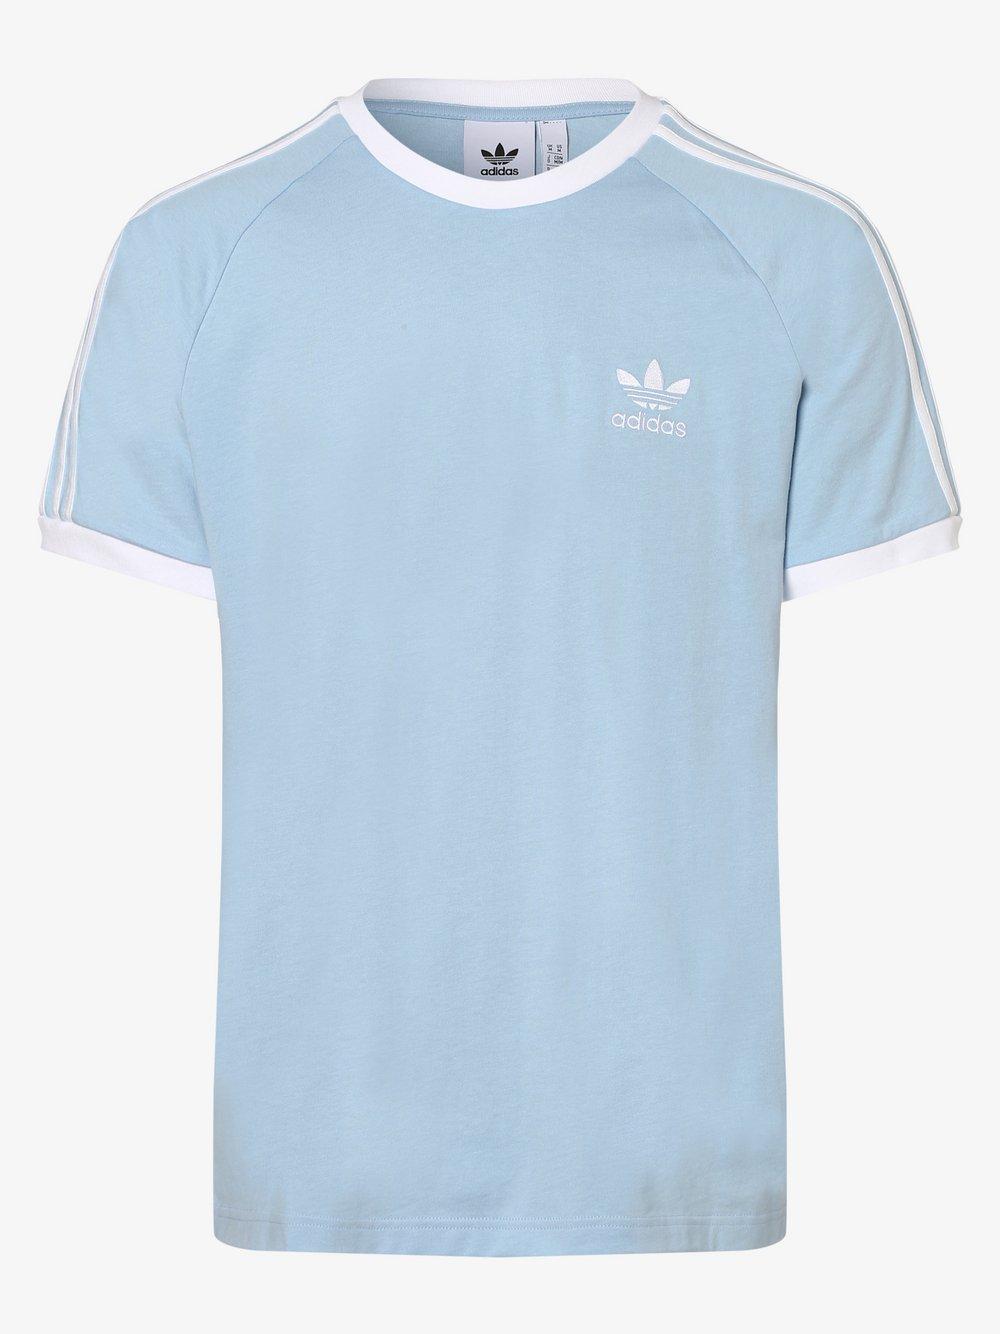 adidas Originals - T-shirt męski, niebieski